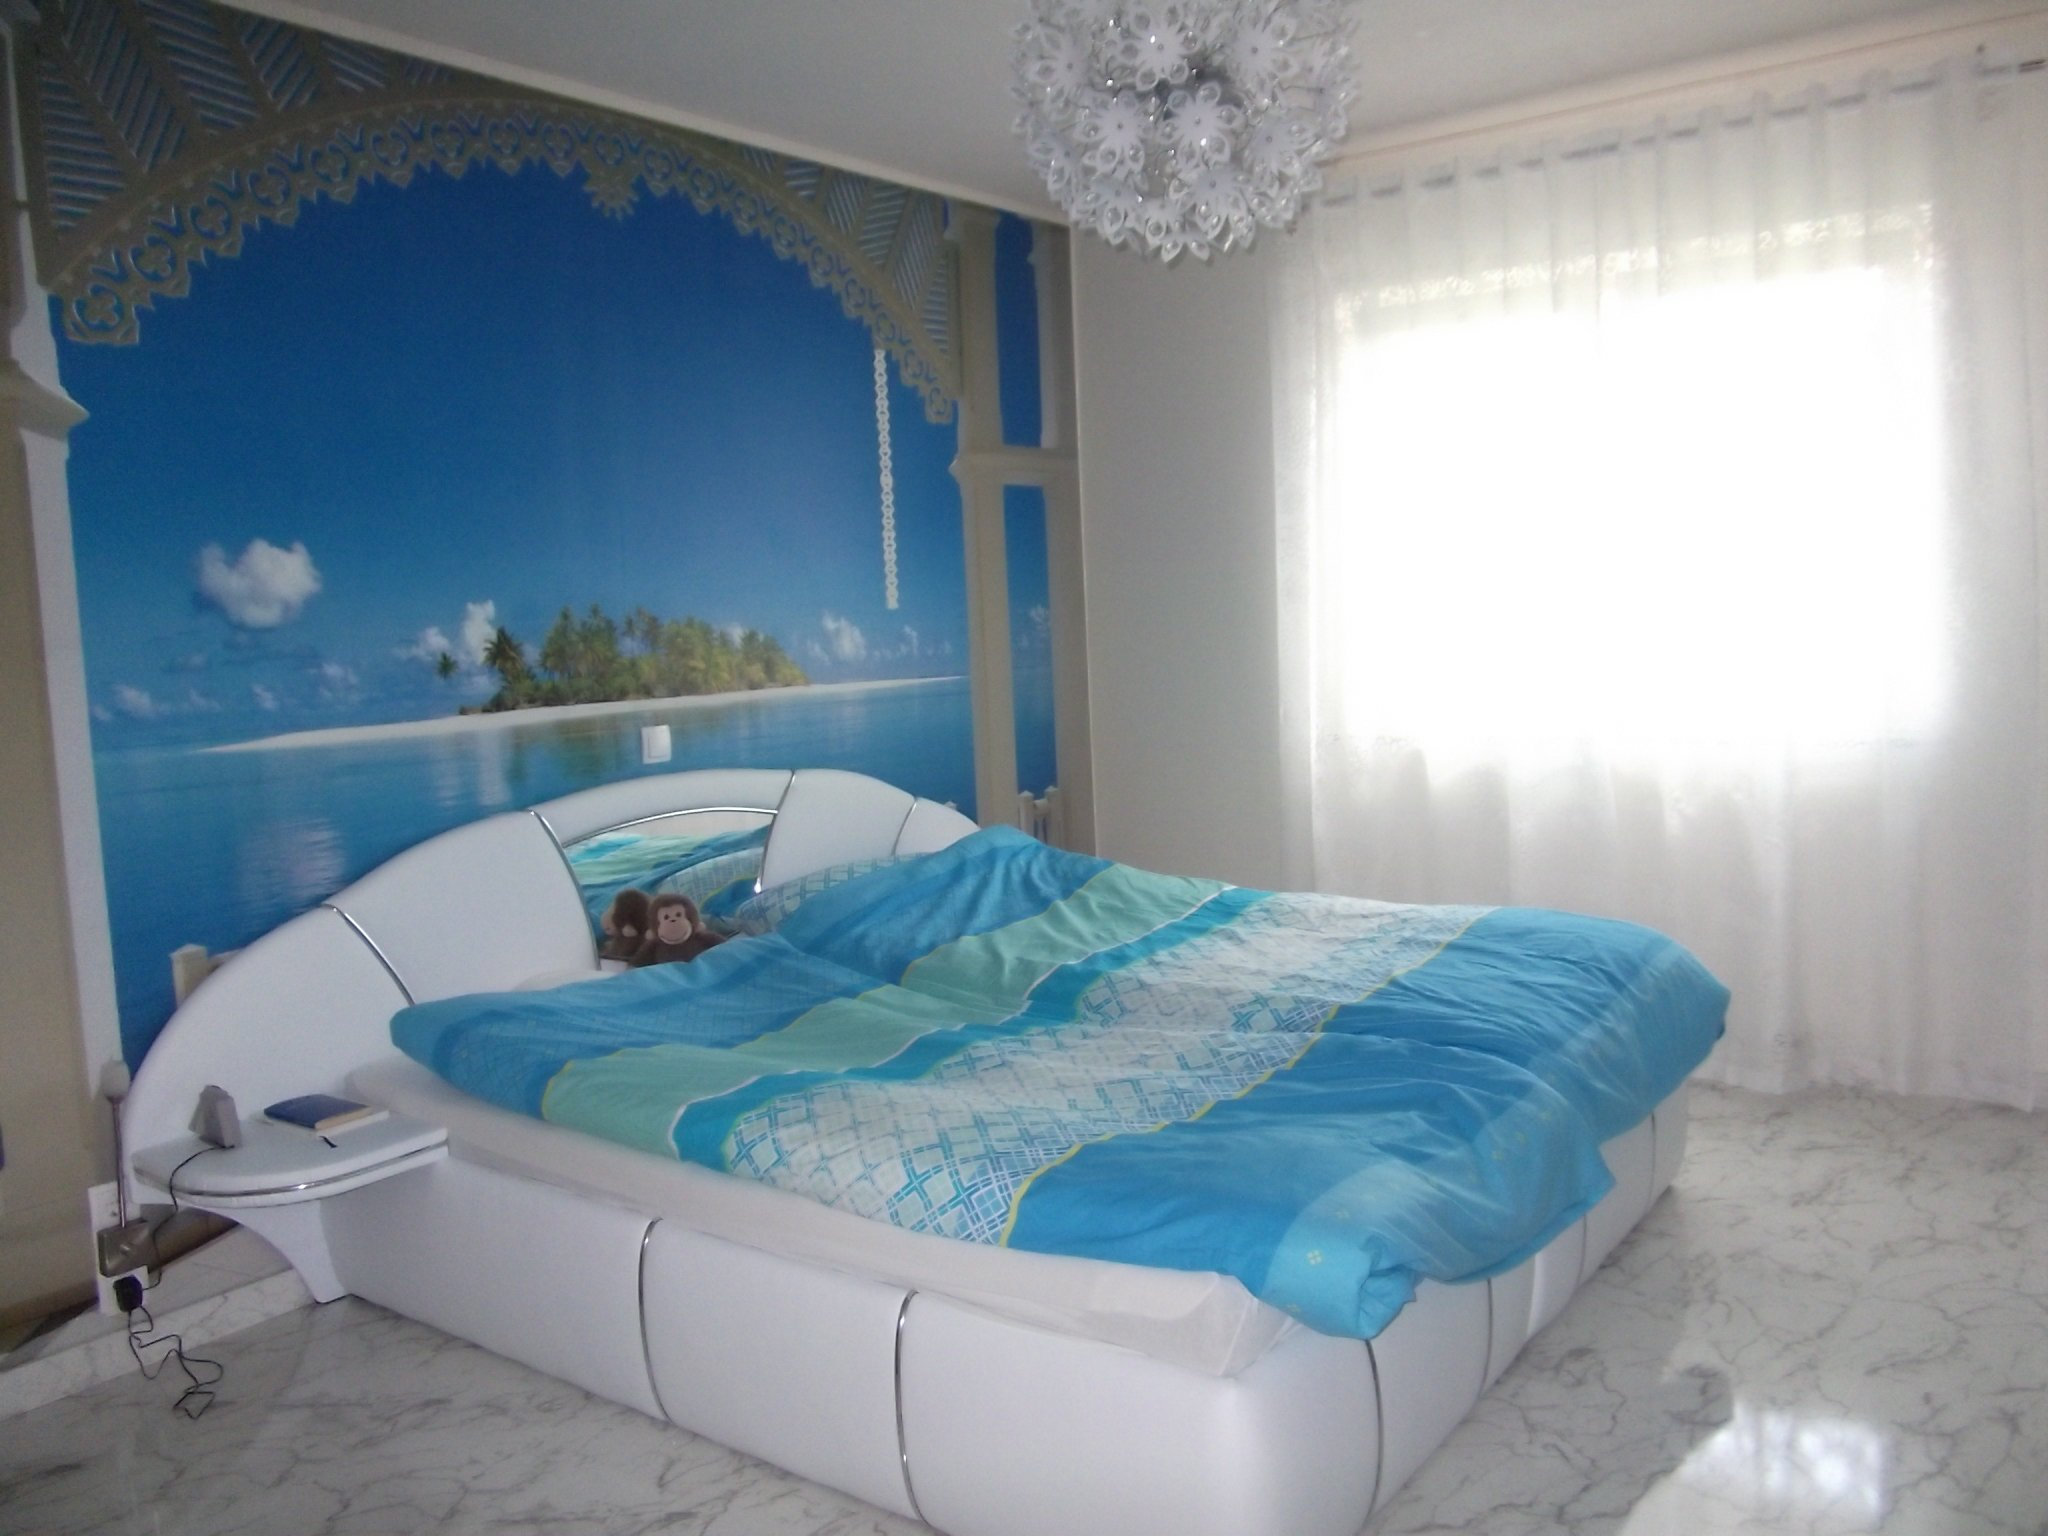 Schlafzimmer 39 traum im wei 39 mein domizil zimmerschau - Im schlafzimmer ...